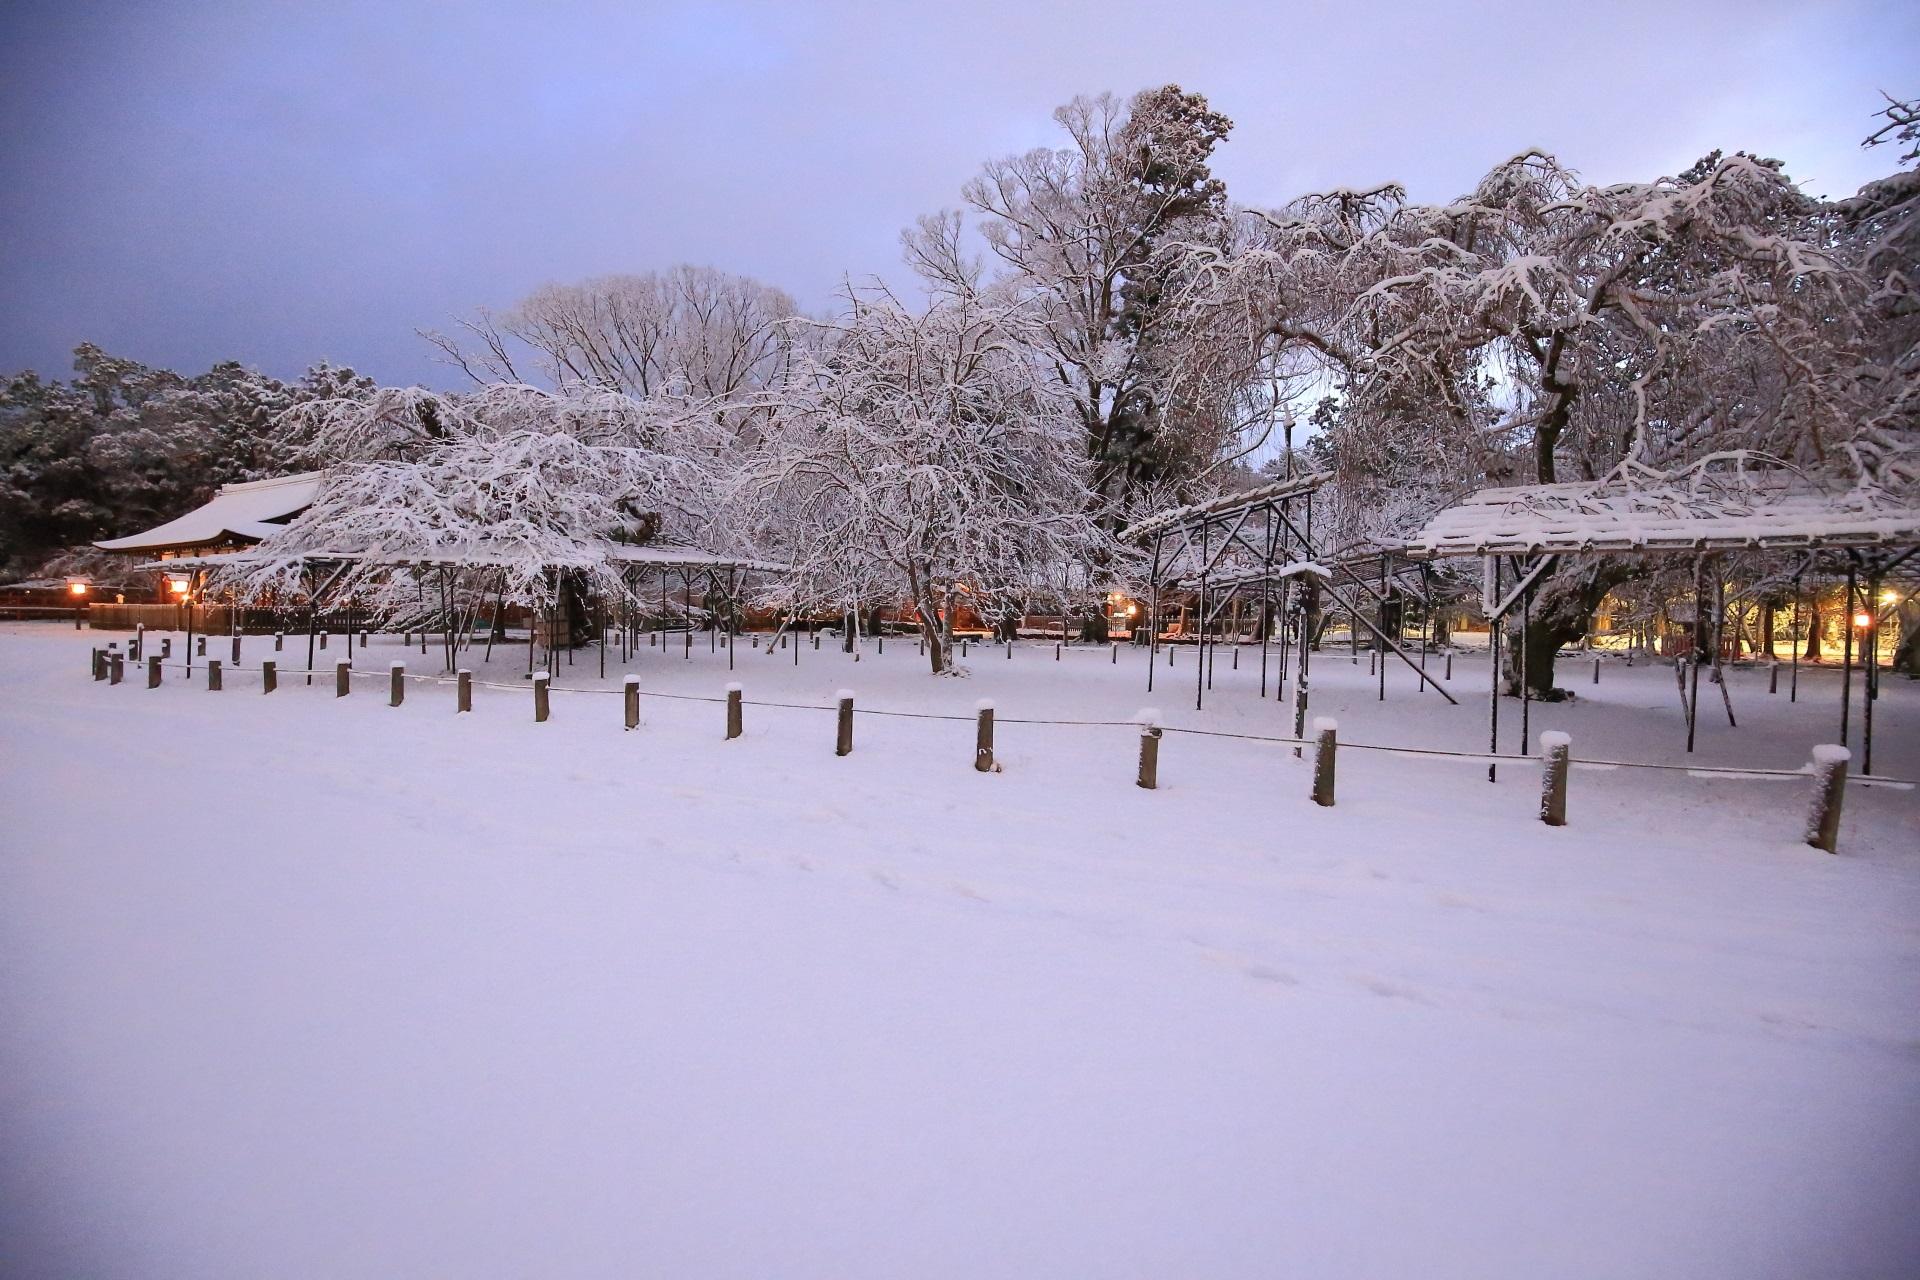 上賀茂神社の静寂の中の極上の雪景色